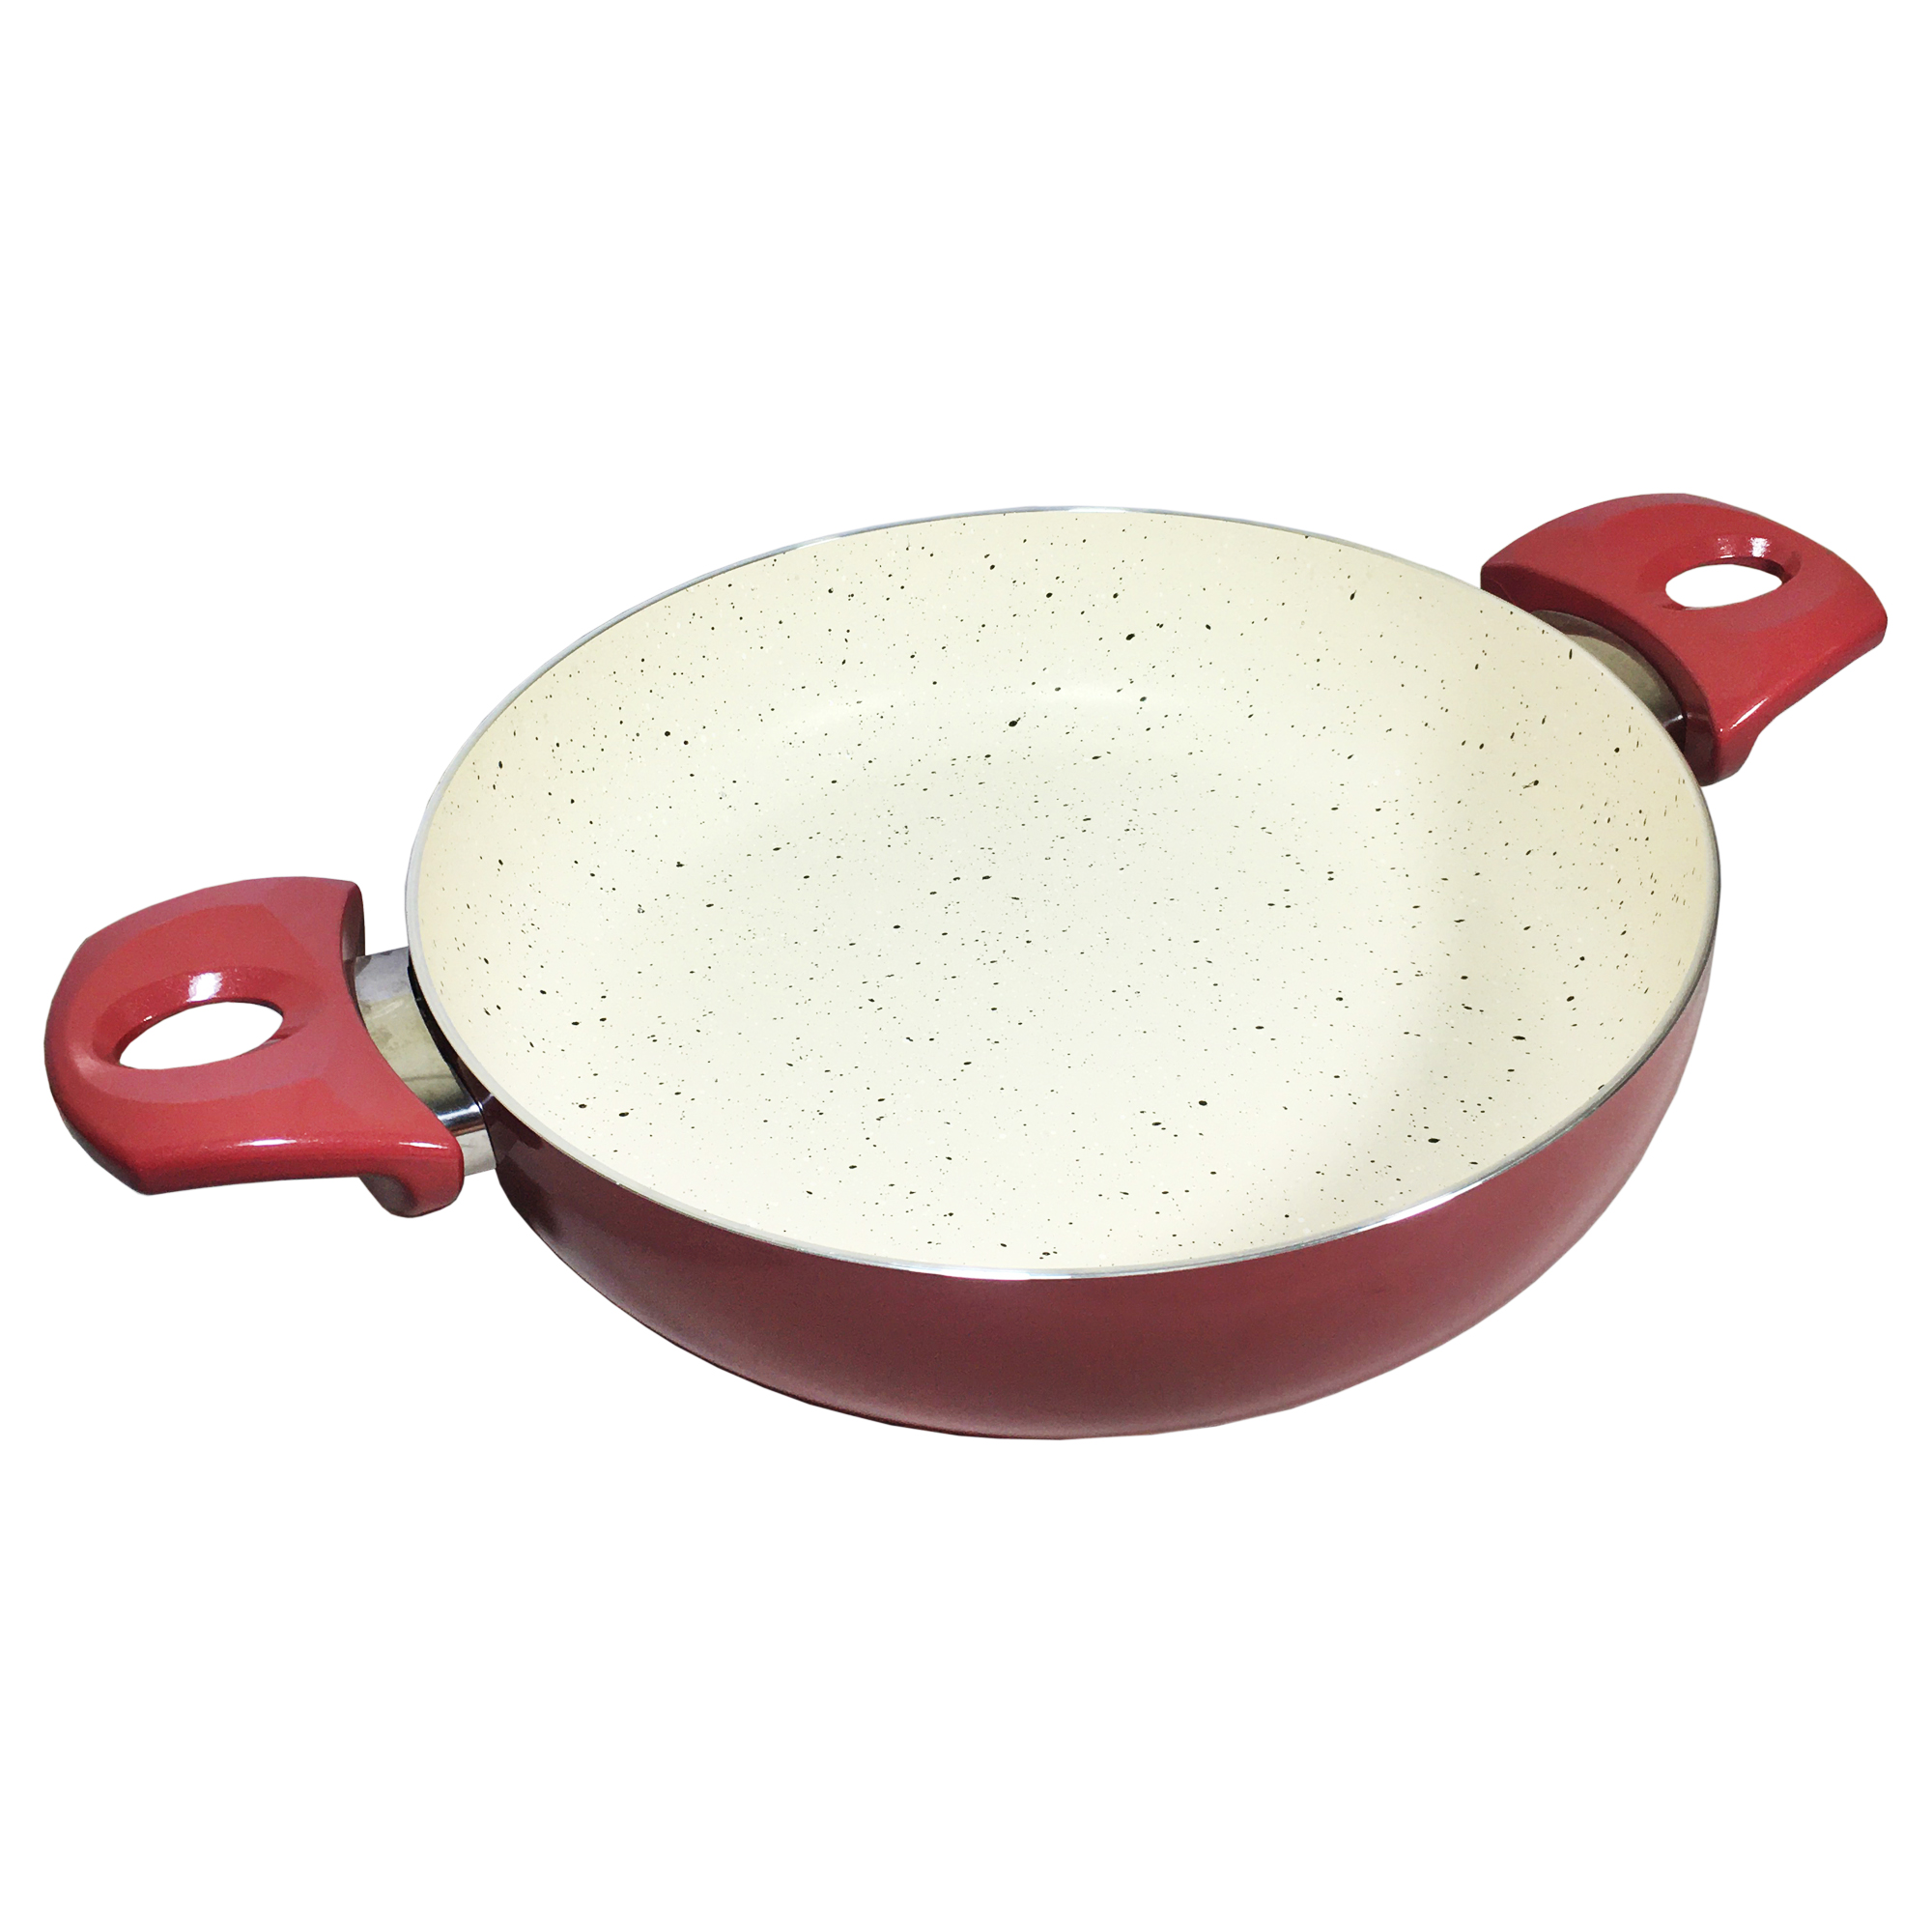 سرویس پخت و پز 8 پارچه عروس مدل Mahtab